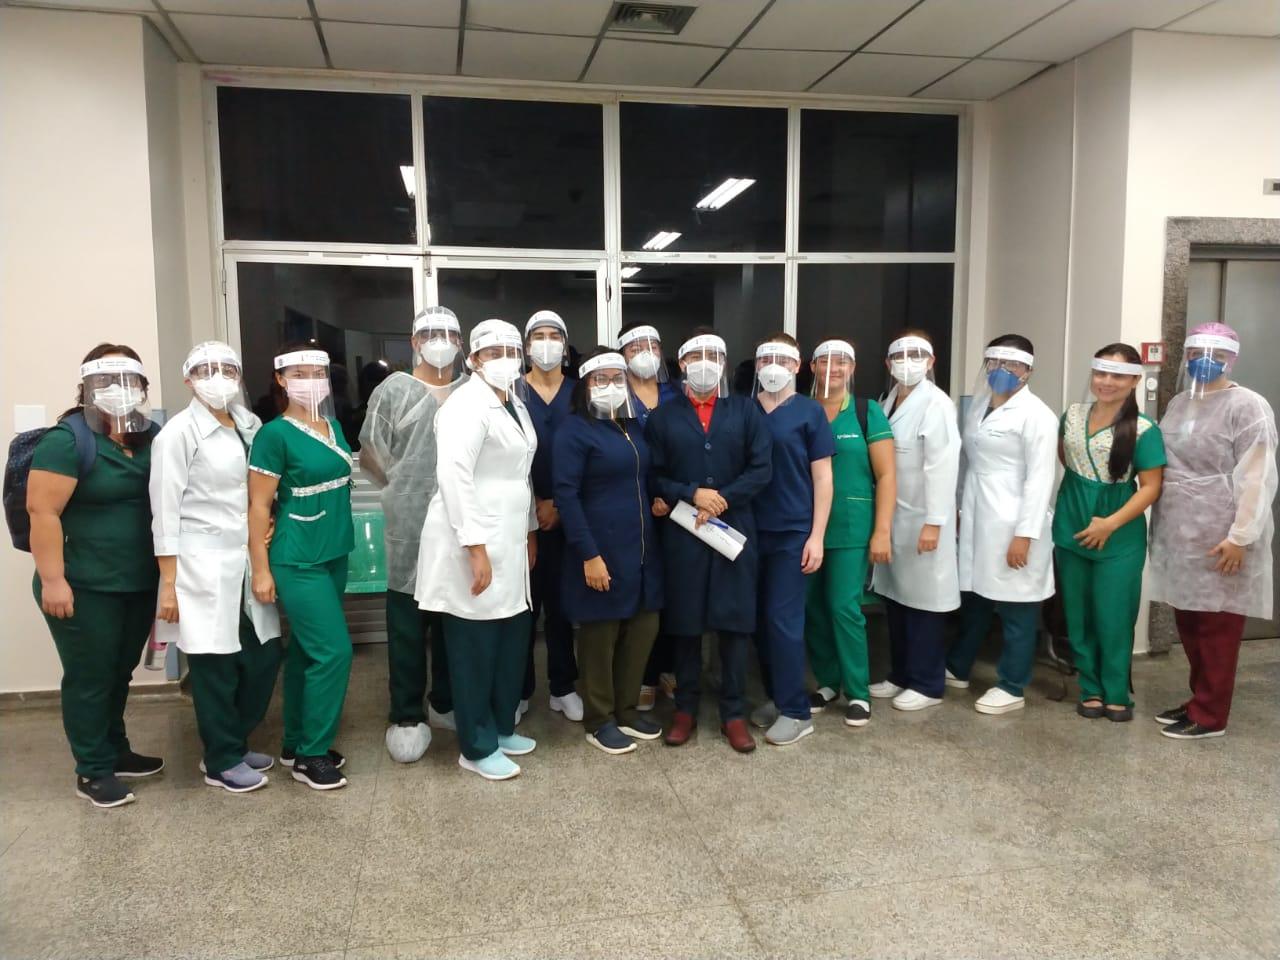 Orientações da equipe de enfermagem focam no controle e redução do contágio pelo novo coronavírus